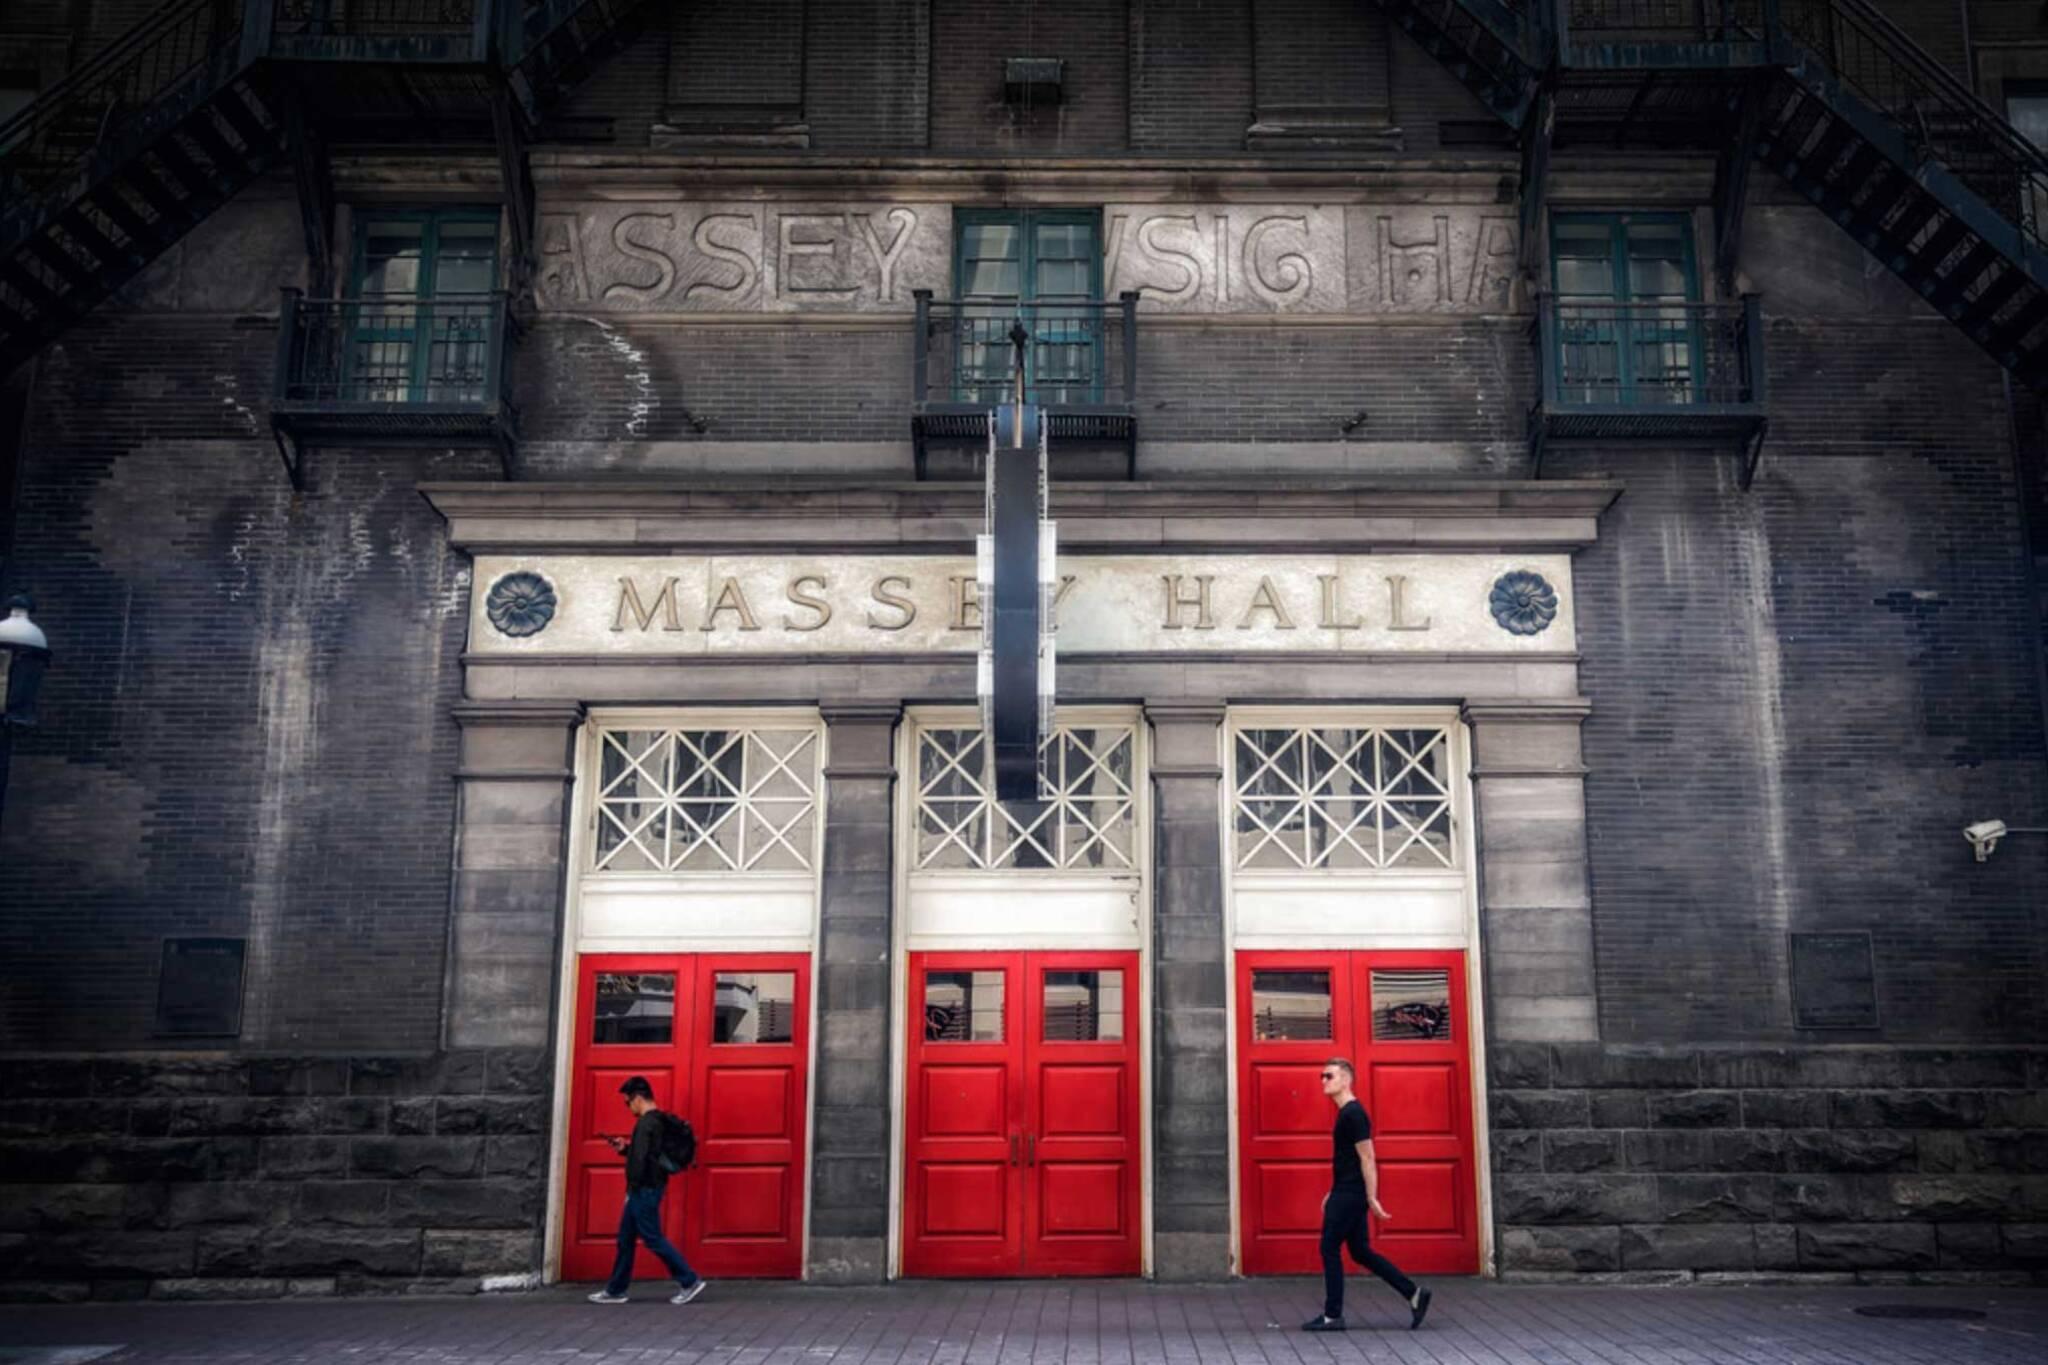 Massey hall closing